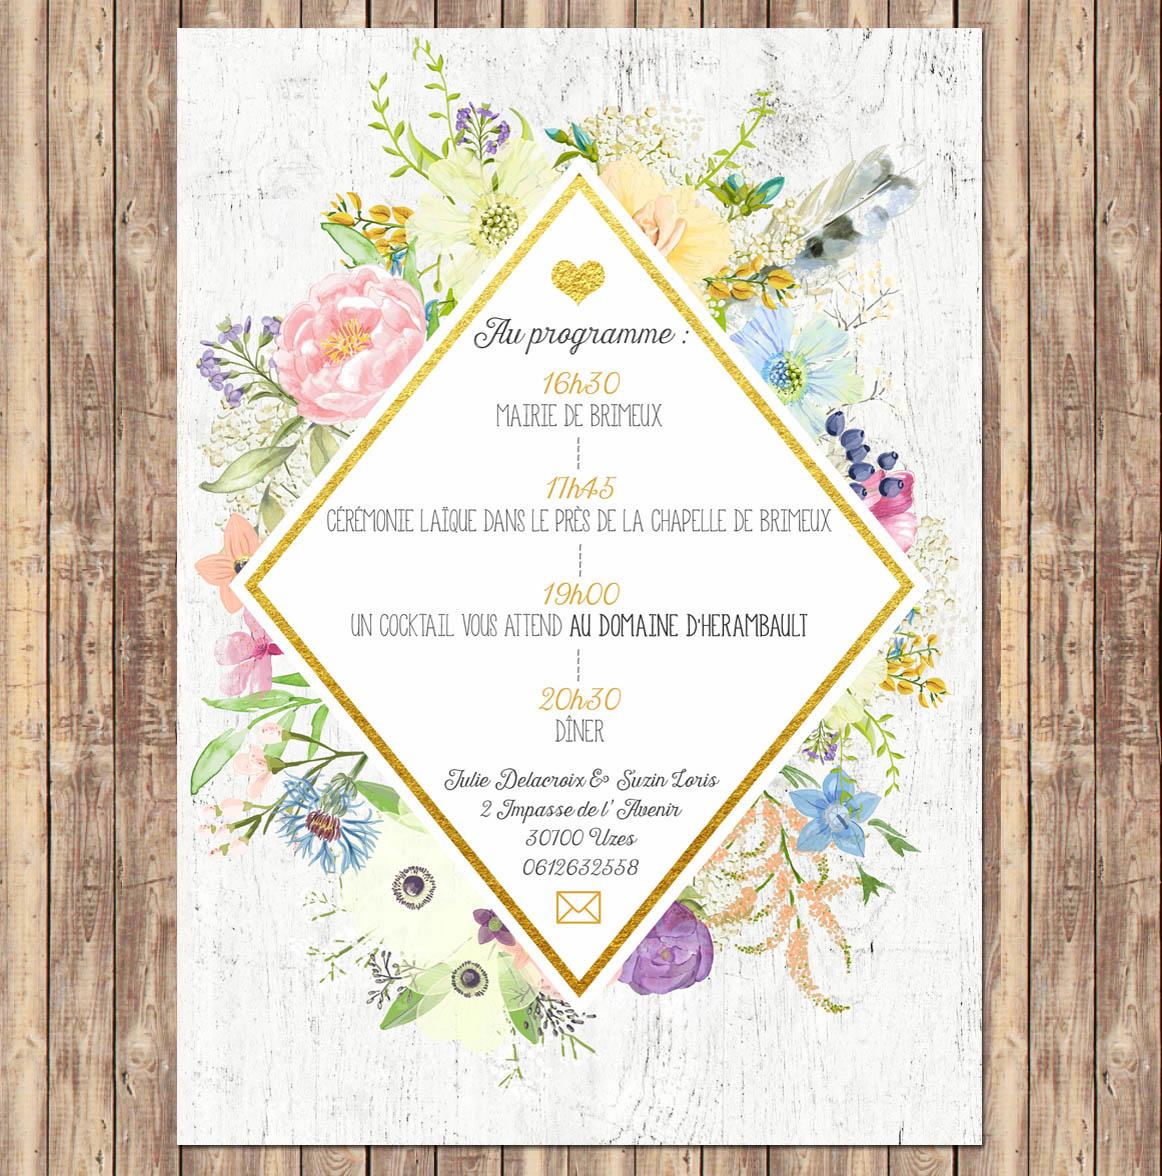 cr ation de faire part mariage aquarelle avec fleurs aux couleurs douce. Black Bedroom Furniture Sets. Home Design Ideas